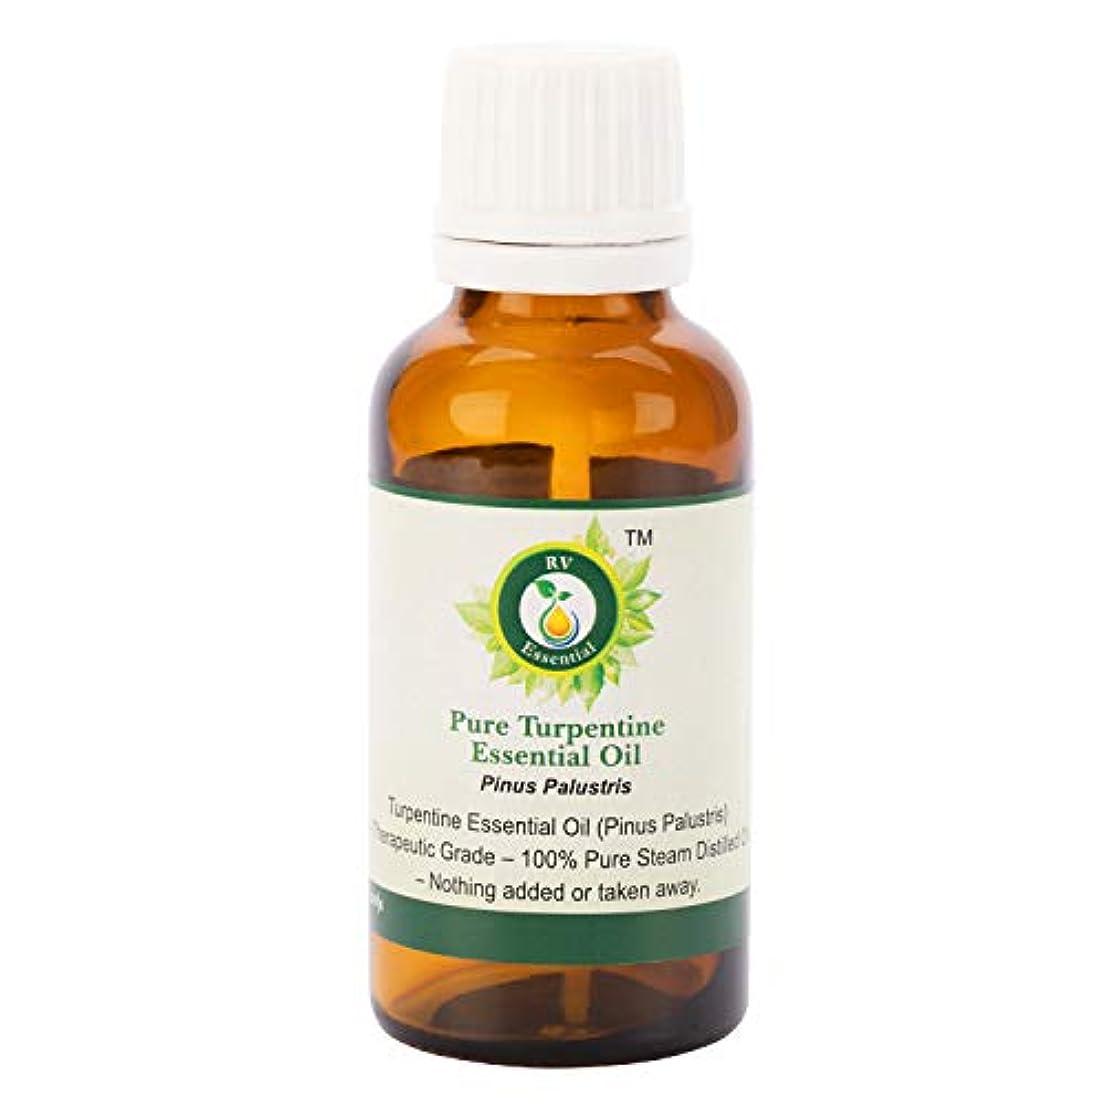 真実に修正する建築家純粋なターペンタイン精油30ml (1.01oz)- Pinus Palustris (100%純粋&天然スチームDistilled) Pure Turpentine Essential Oil